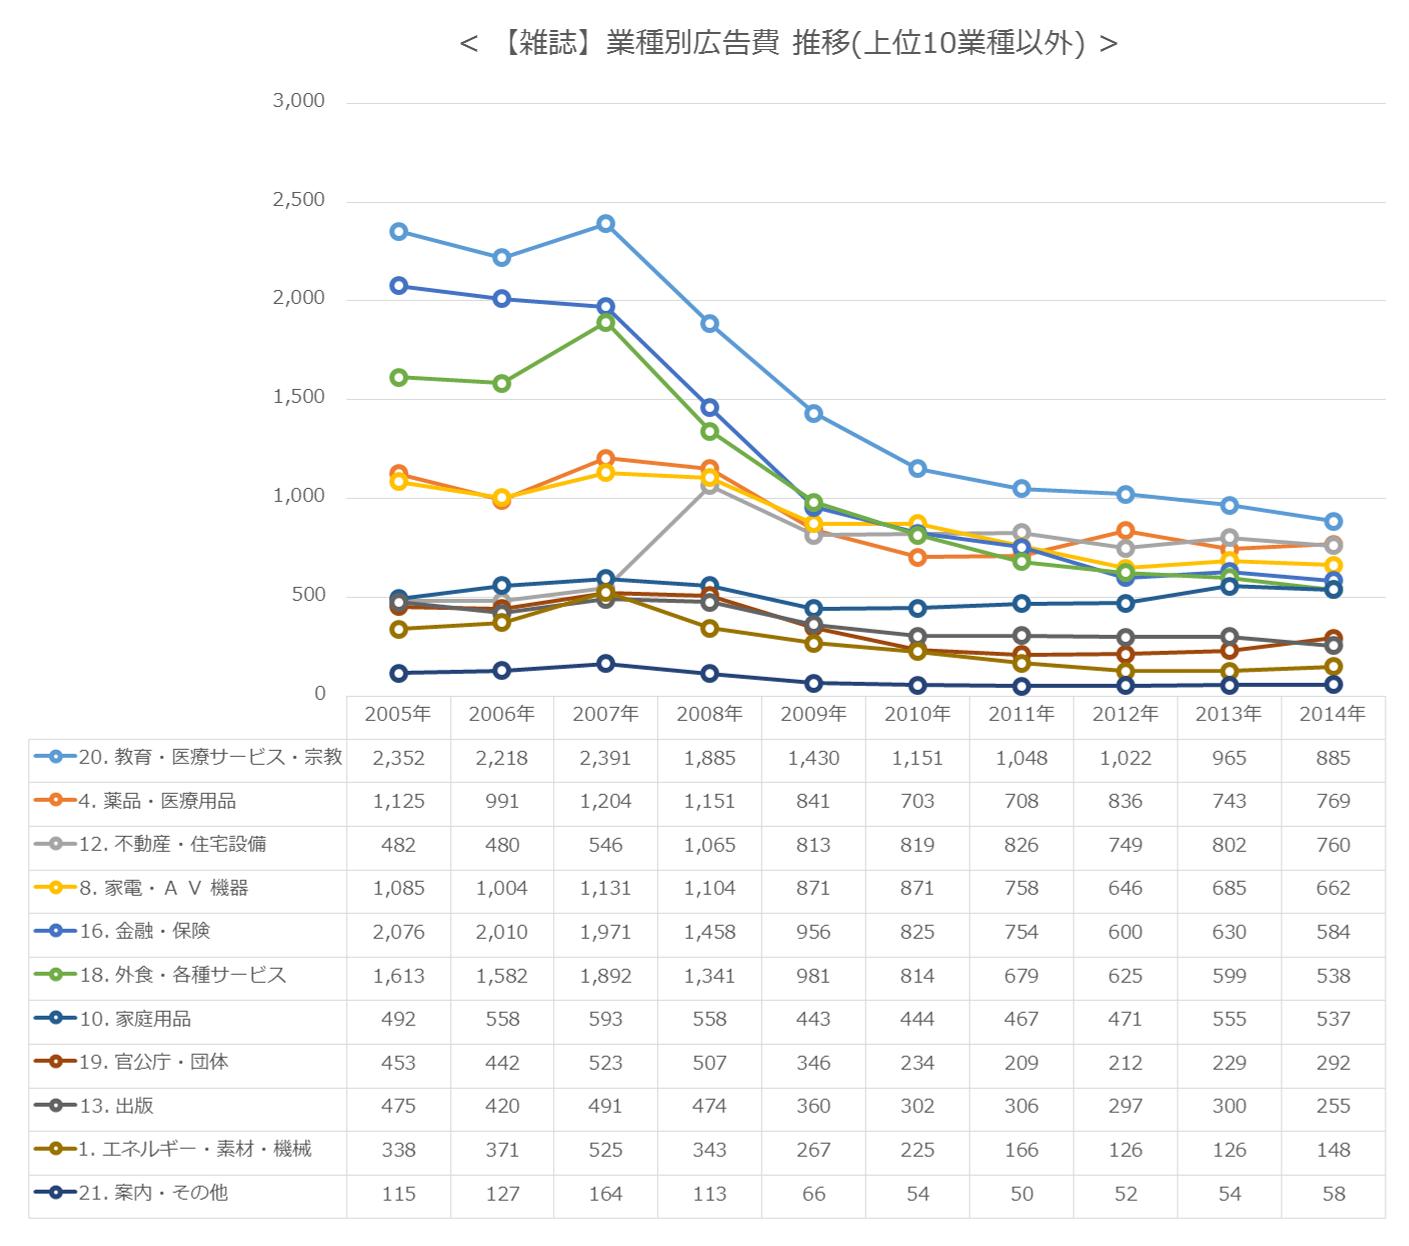 【雑誌】業種別広告費 推移(上位10業種以外)